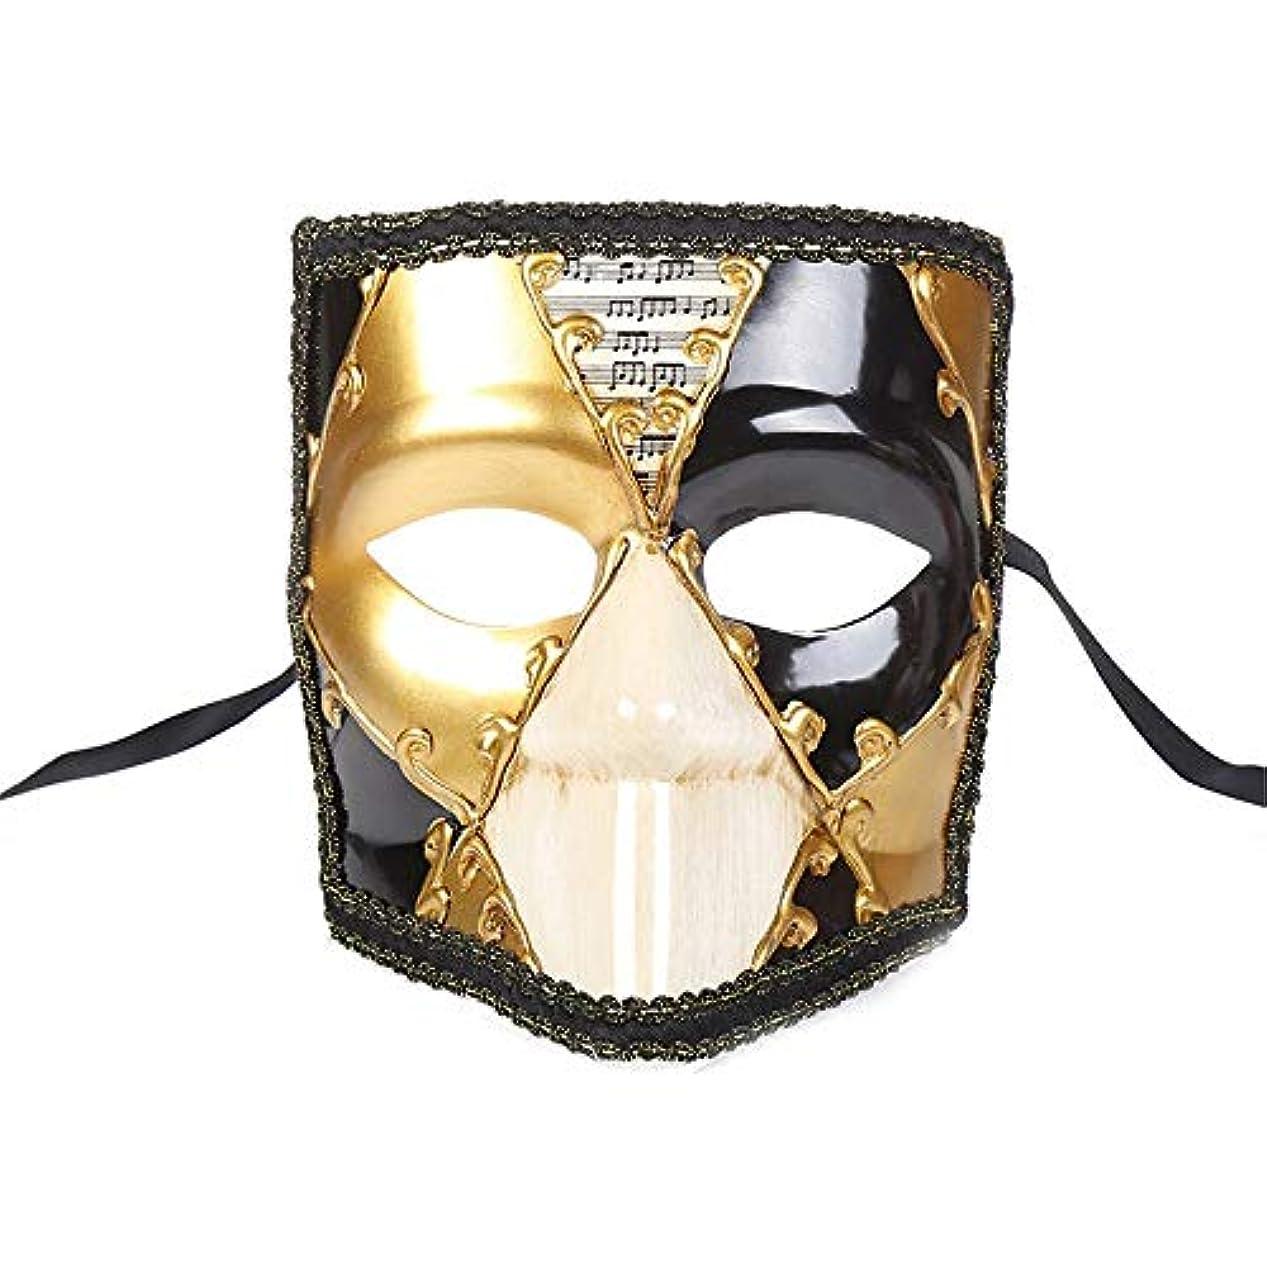 自治開示するコンベンションダンスマスク ピエロマスクヴィンテージマスカレードショーデコレーションコスプレナイトクラブプラスチック厚いマスク ホリデーパーティー用品 (色 : 黄, サイズ : 18x15cm)